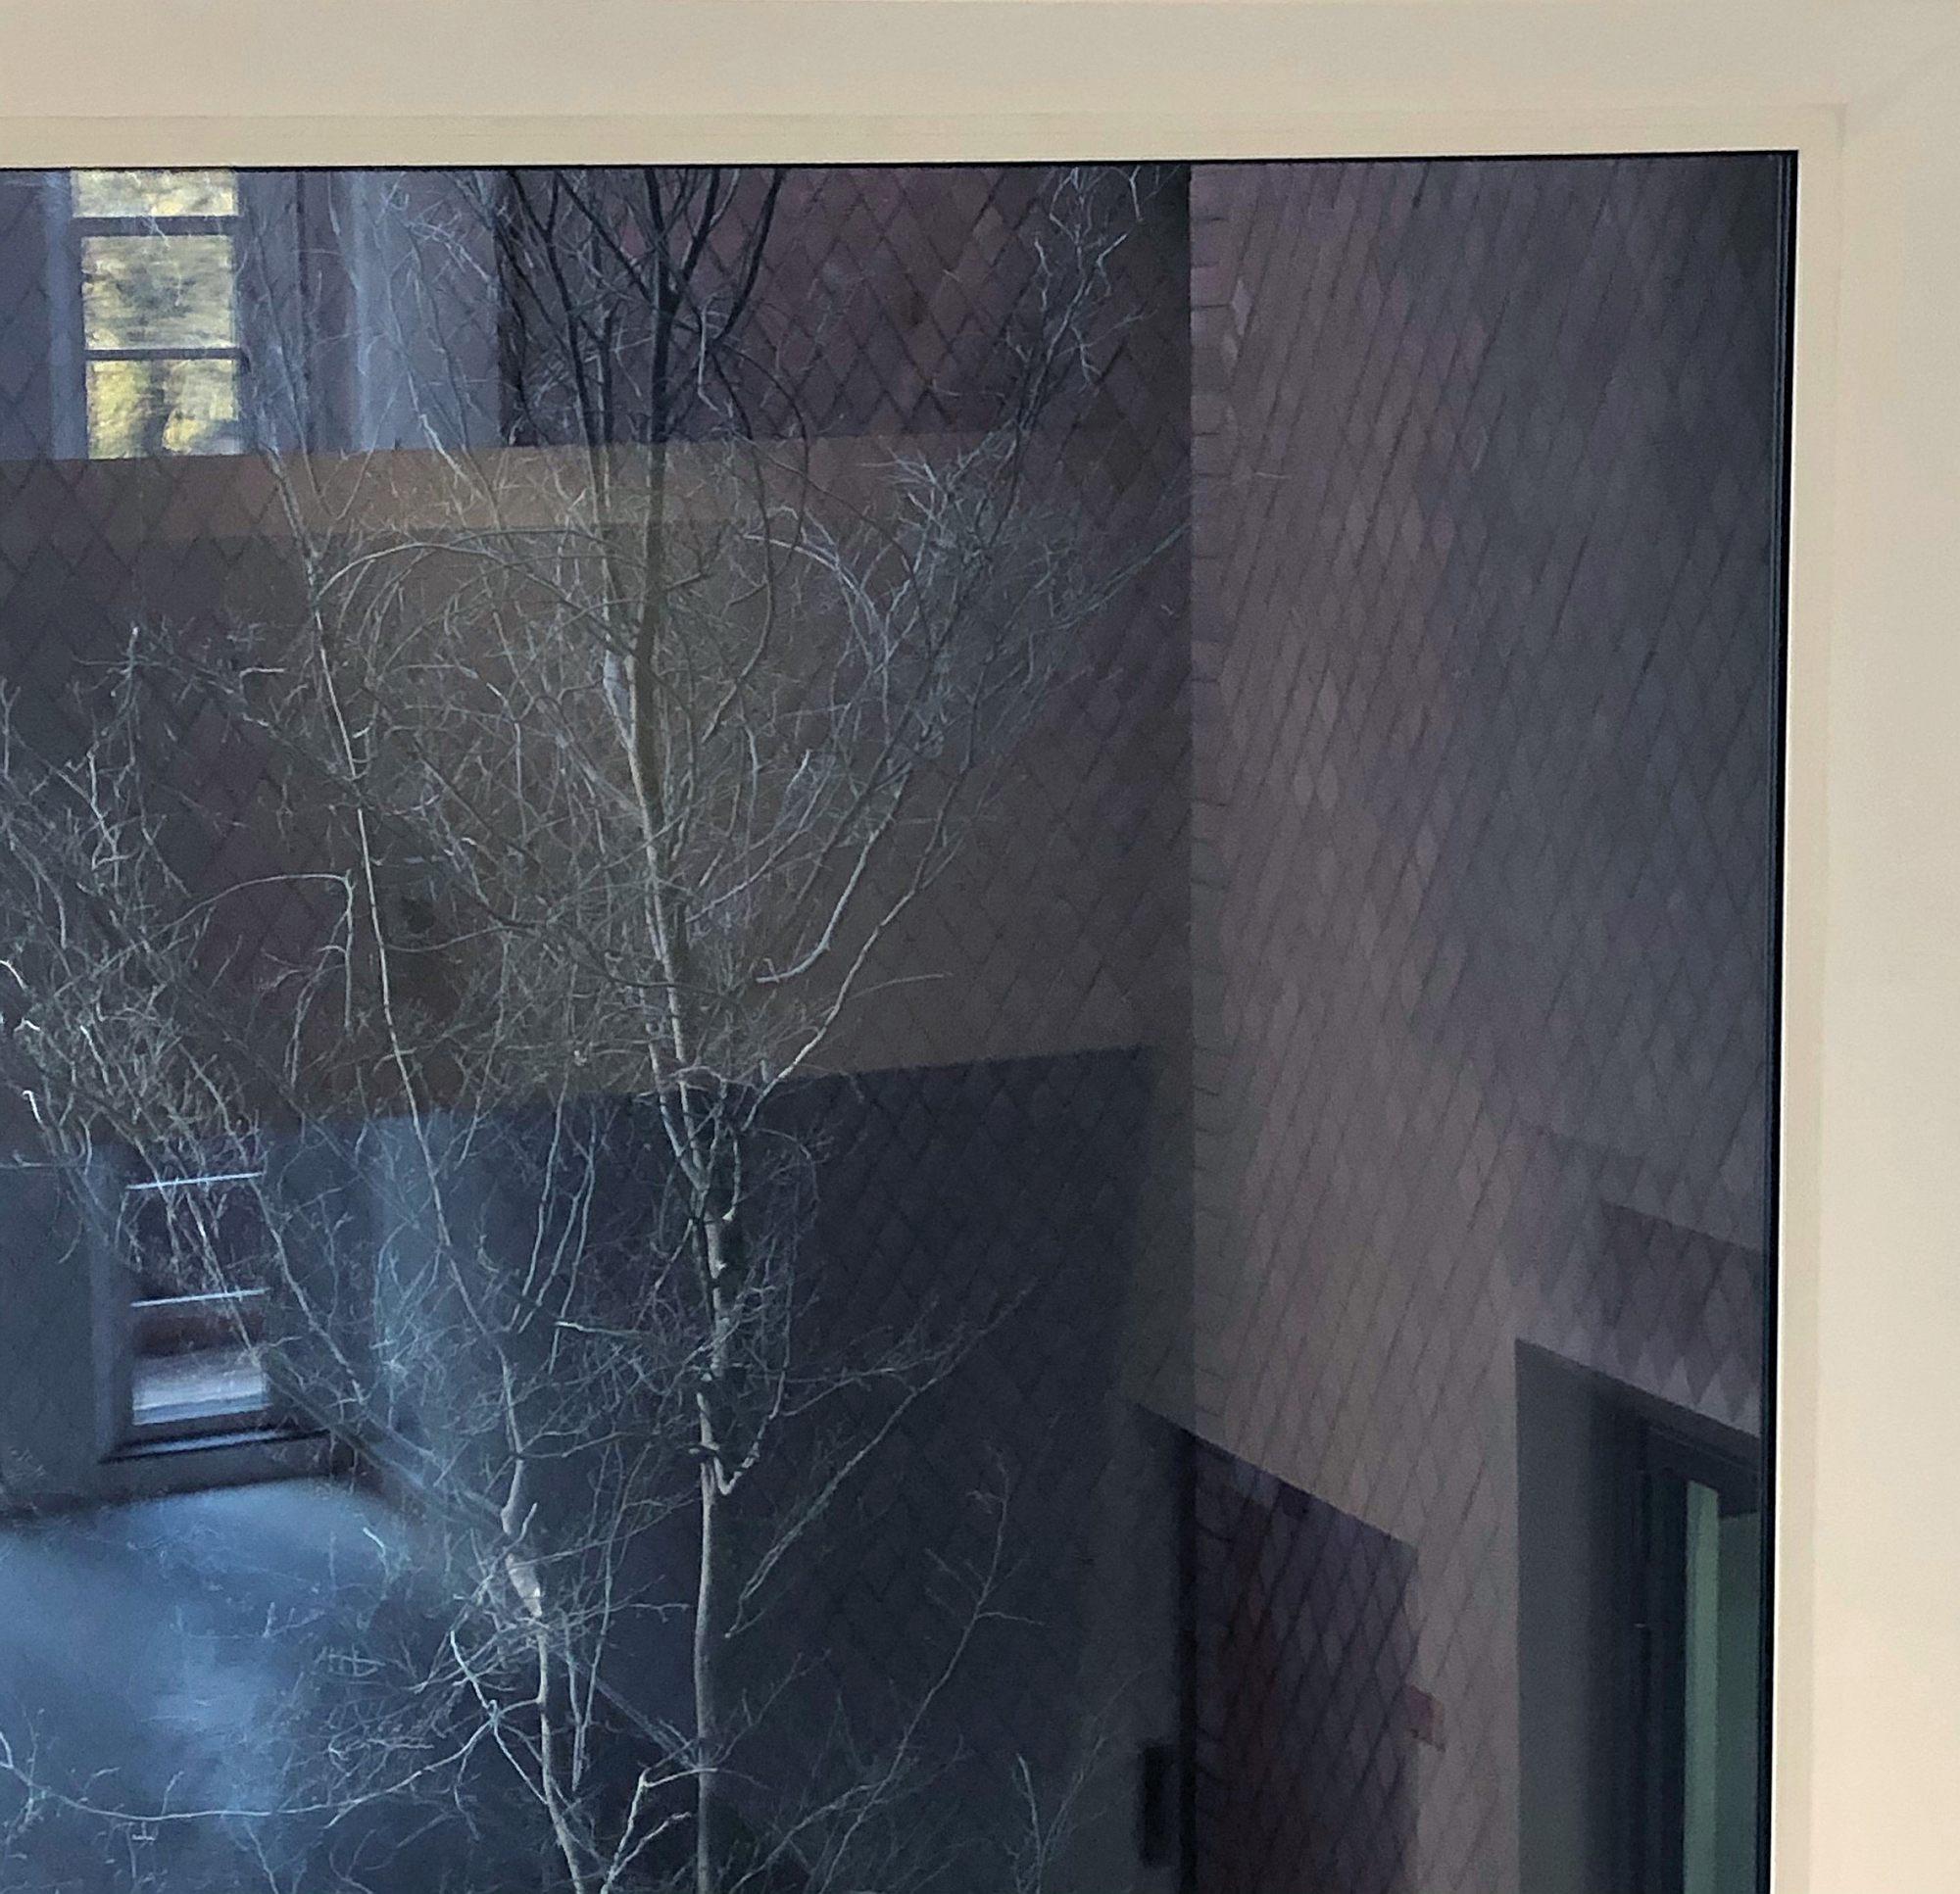 11_AB_Z33_final building_Francesca Torzo photograph_patio_detail_04